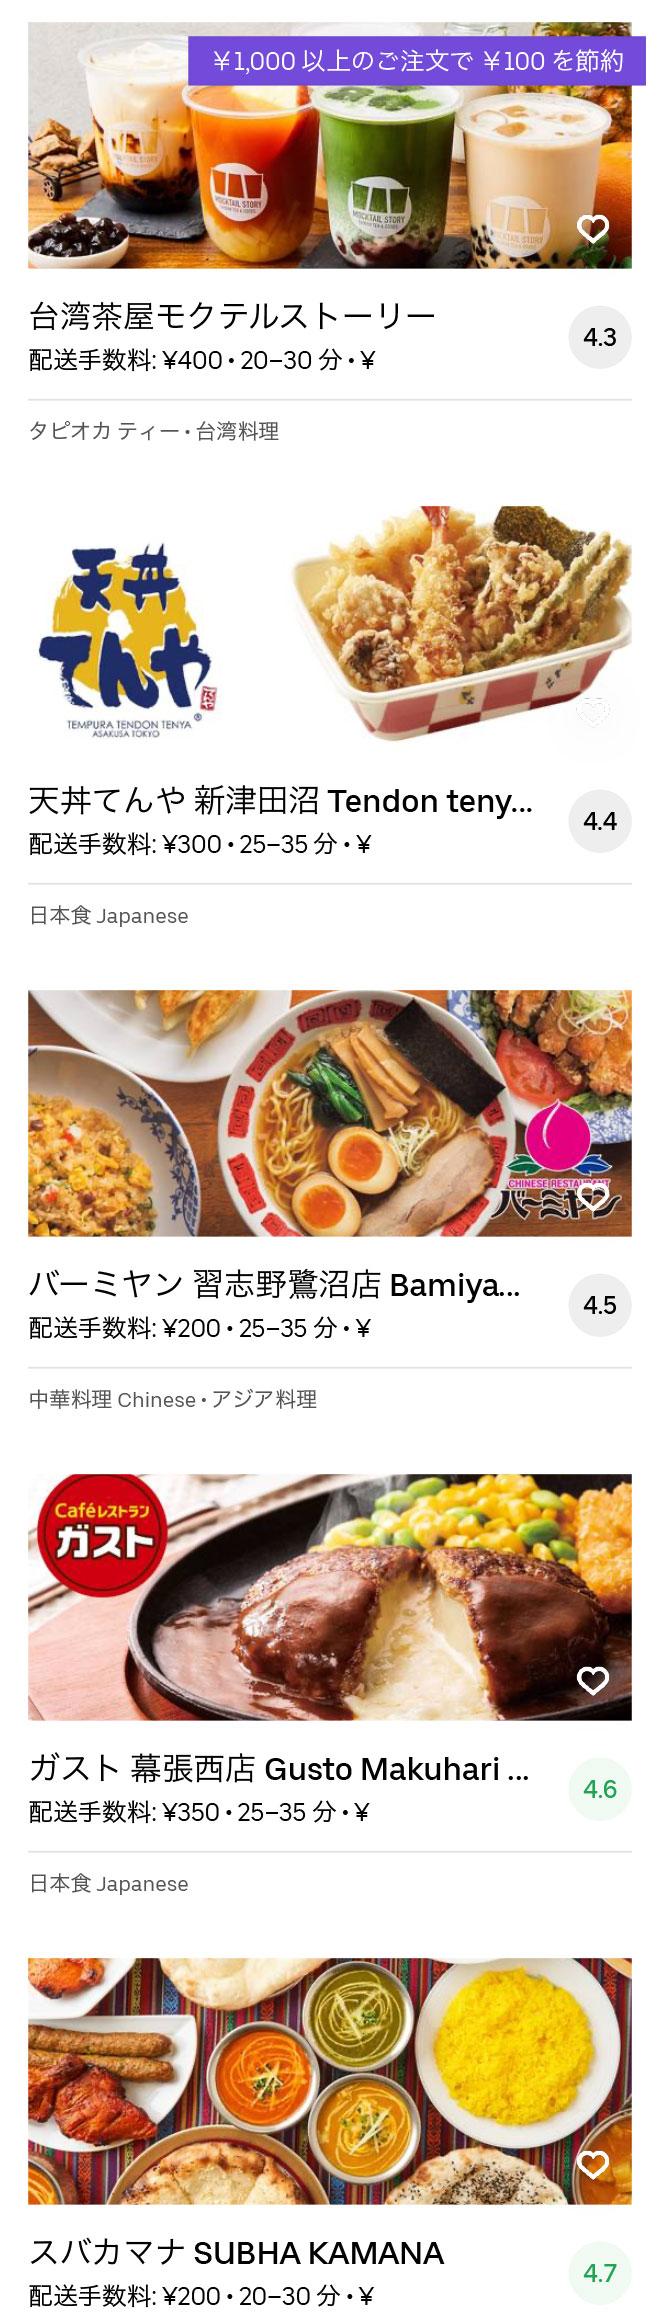 Narashino ookubo menu 2004 05